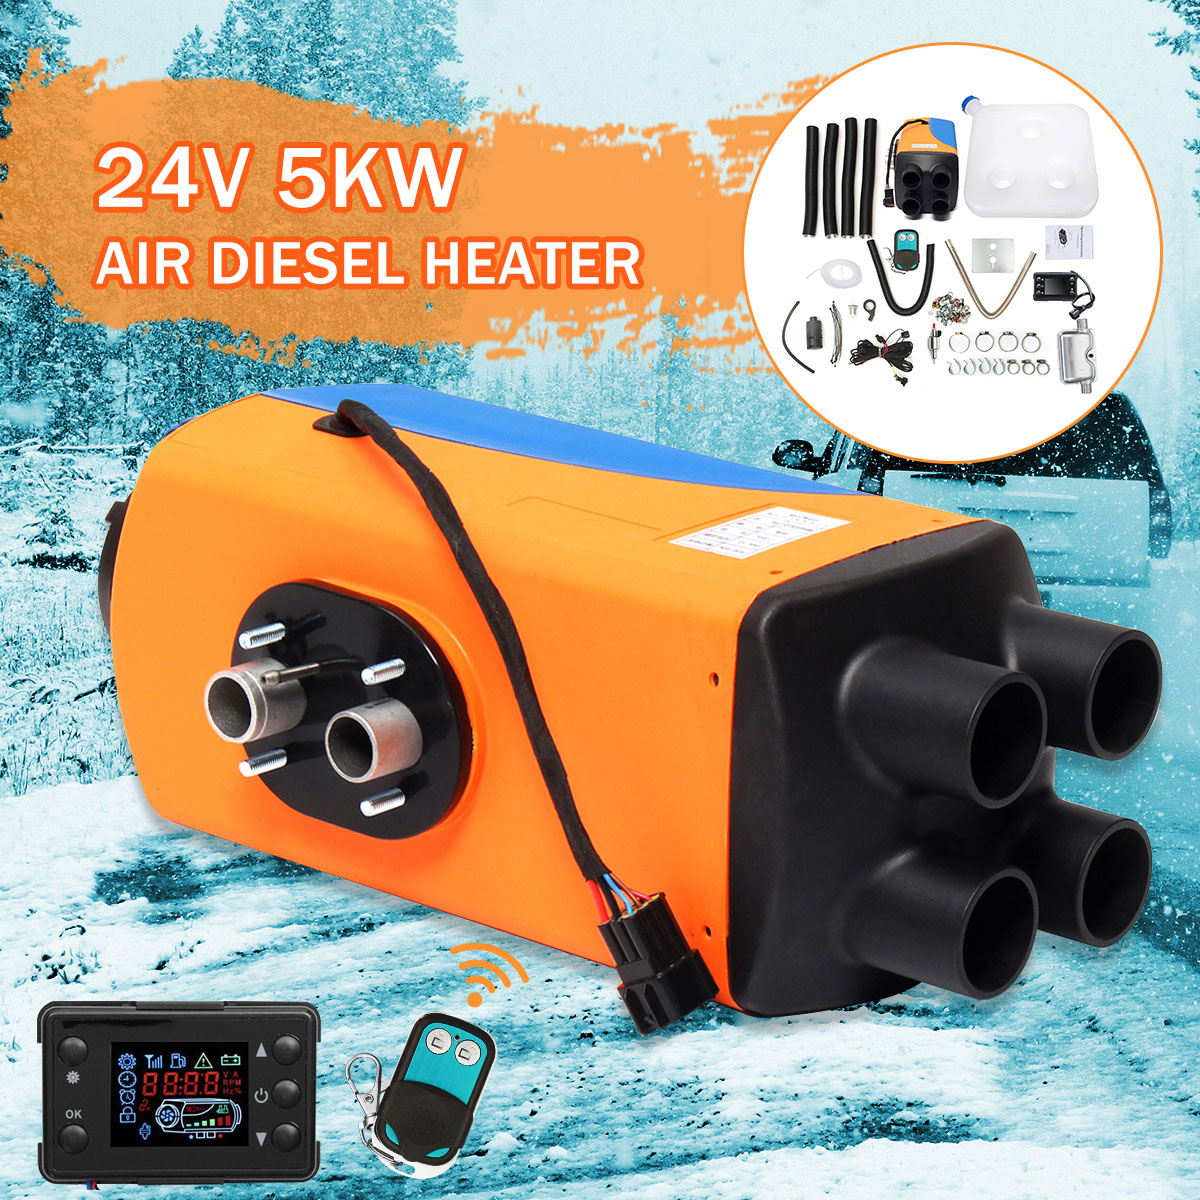 Audew voiture Parking Air Diesels chauffage 24 V 5KW 4 trous 5000 W voiture chauffage + LCD interrupteur + silencieux pour camping-Car bateaux voiture accessoire